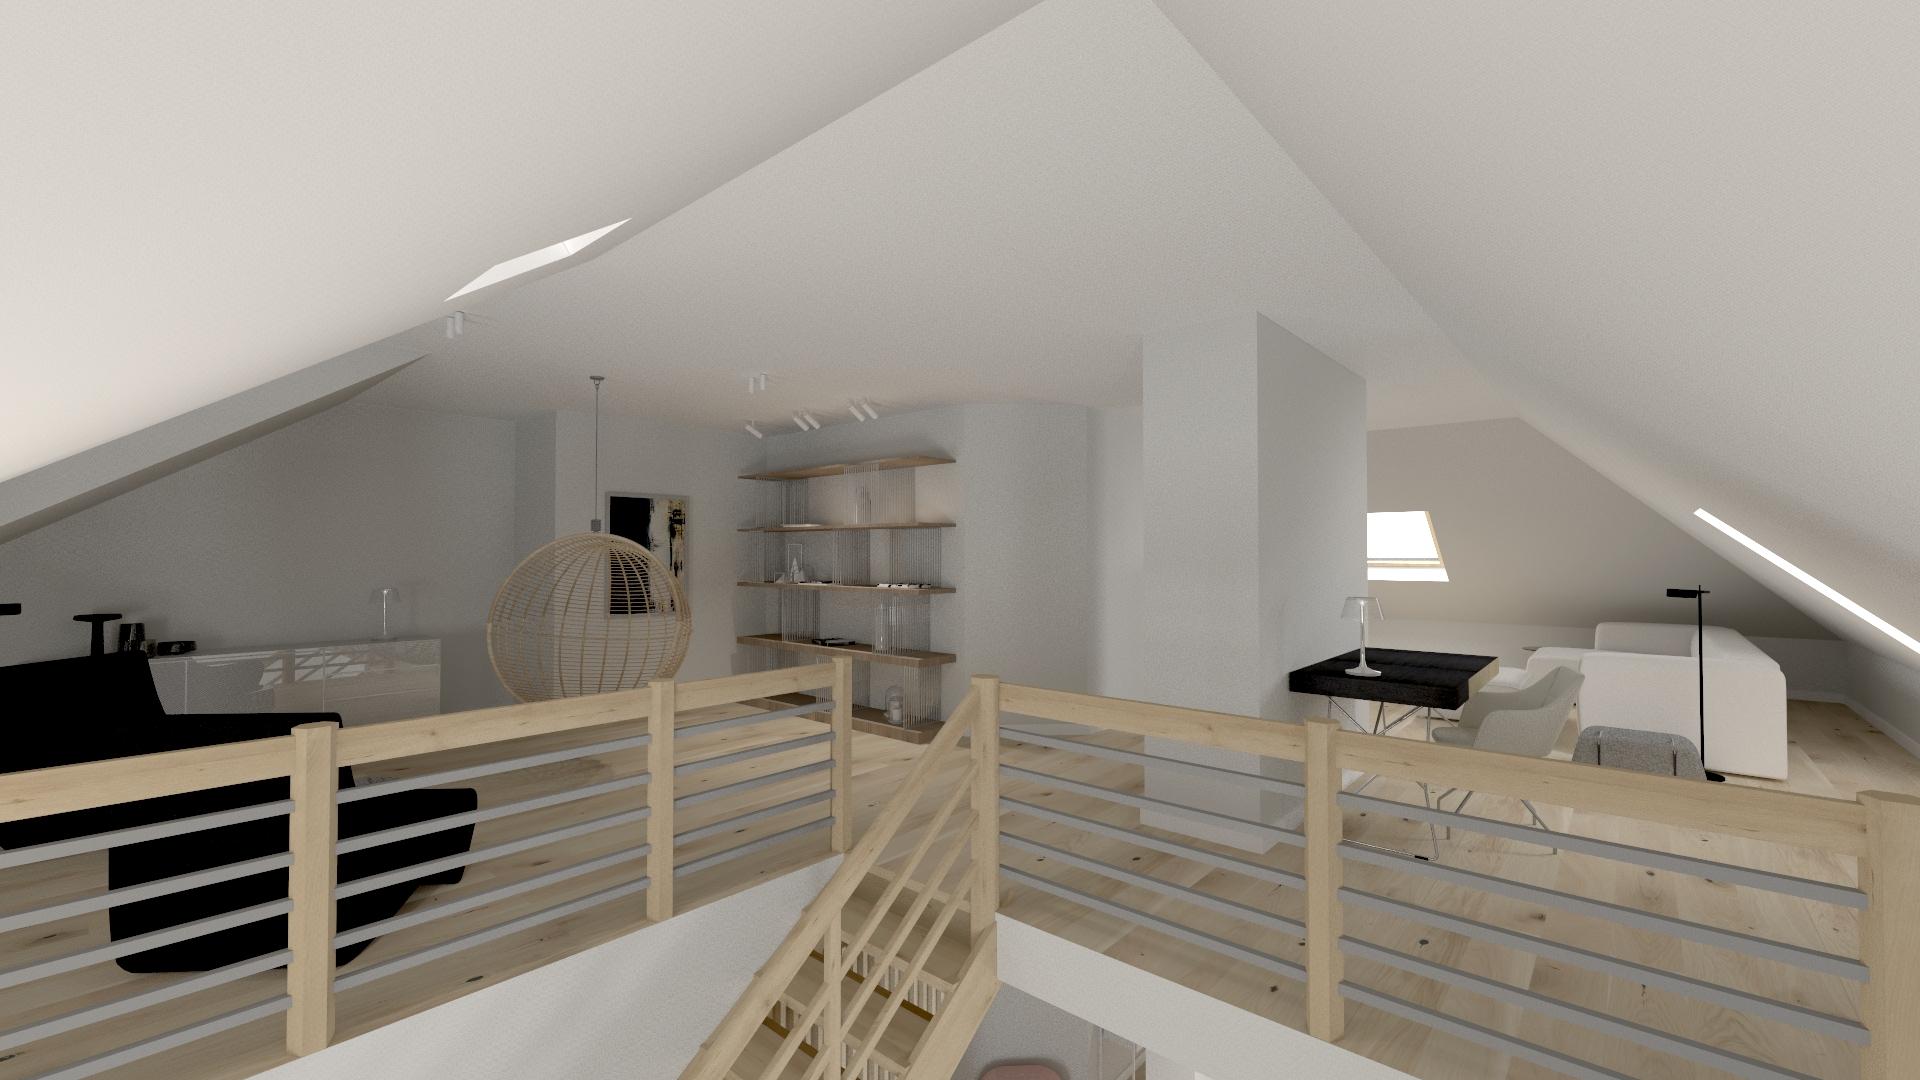 Osiedle Sesenki w Gryficach oferuje przestronne apartamenty do 100m2 powierzchni